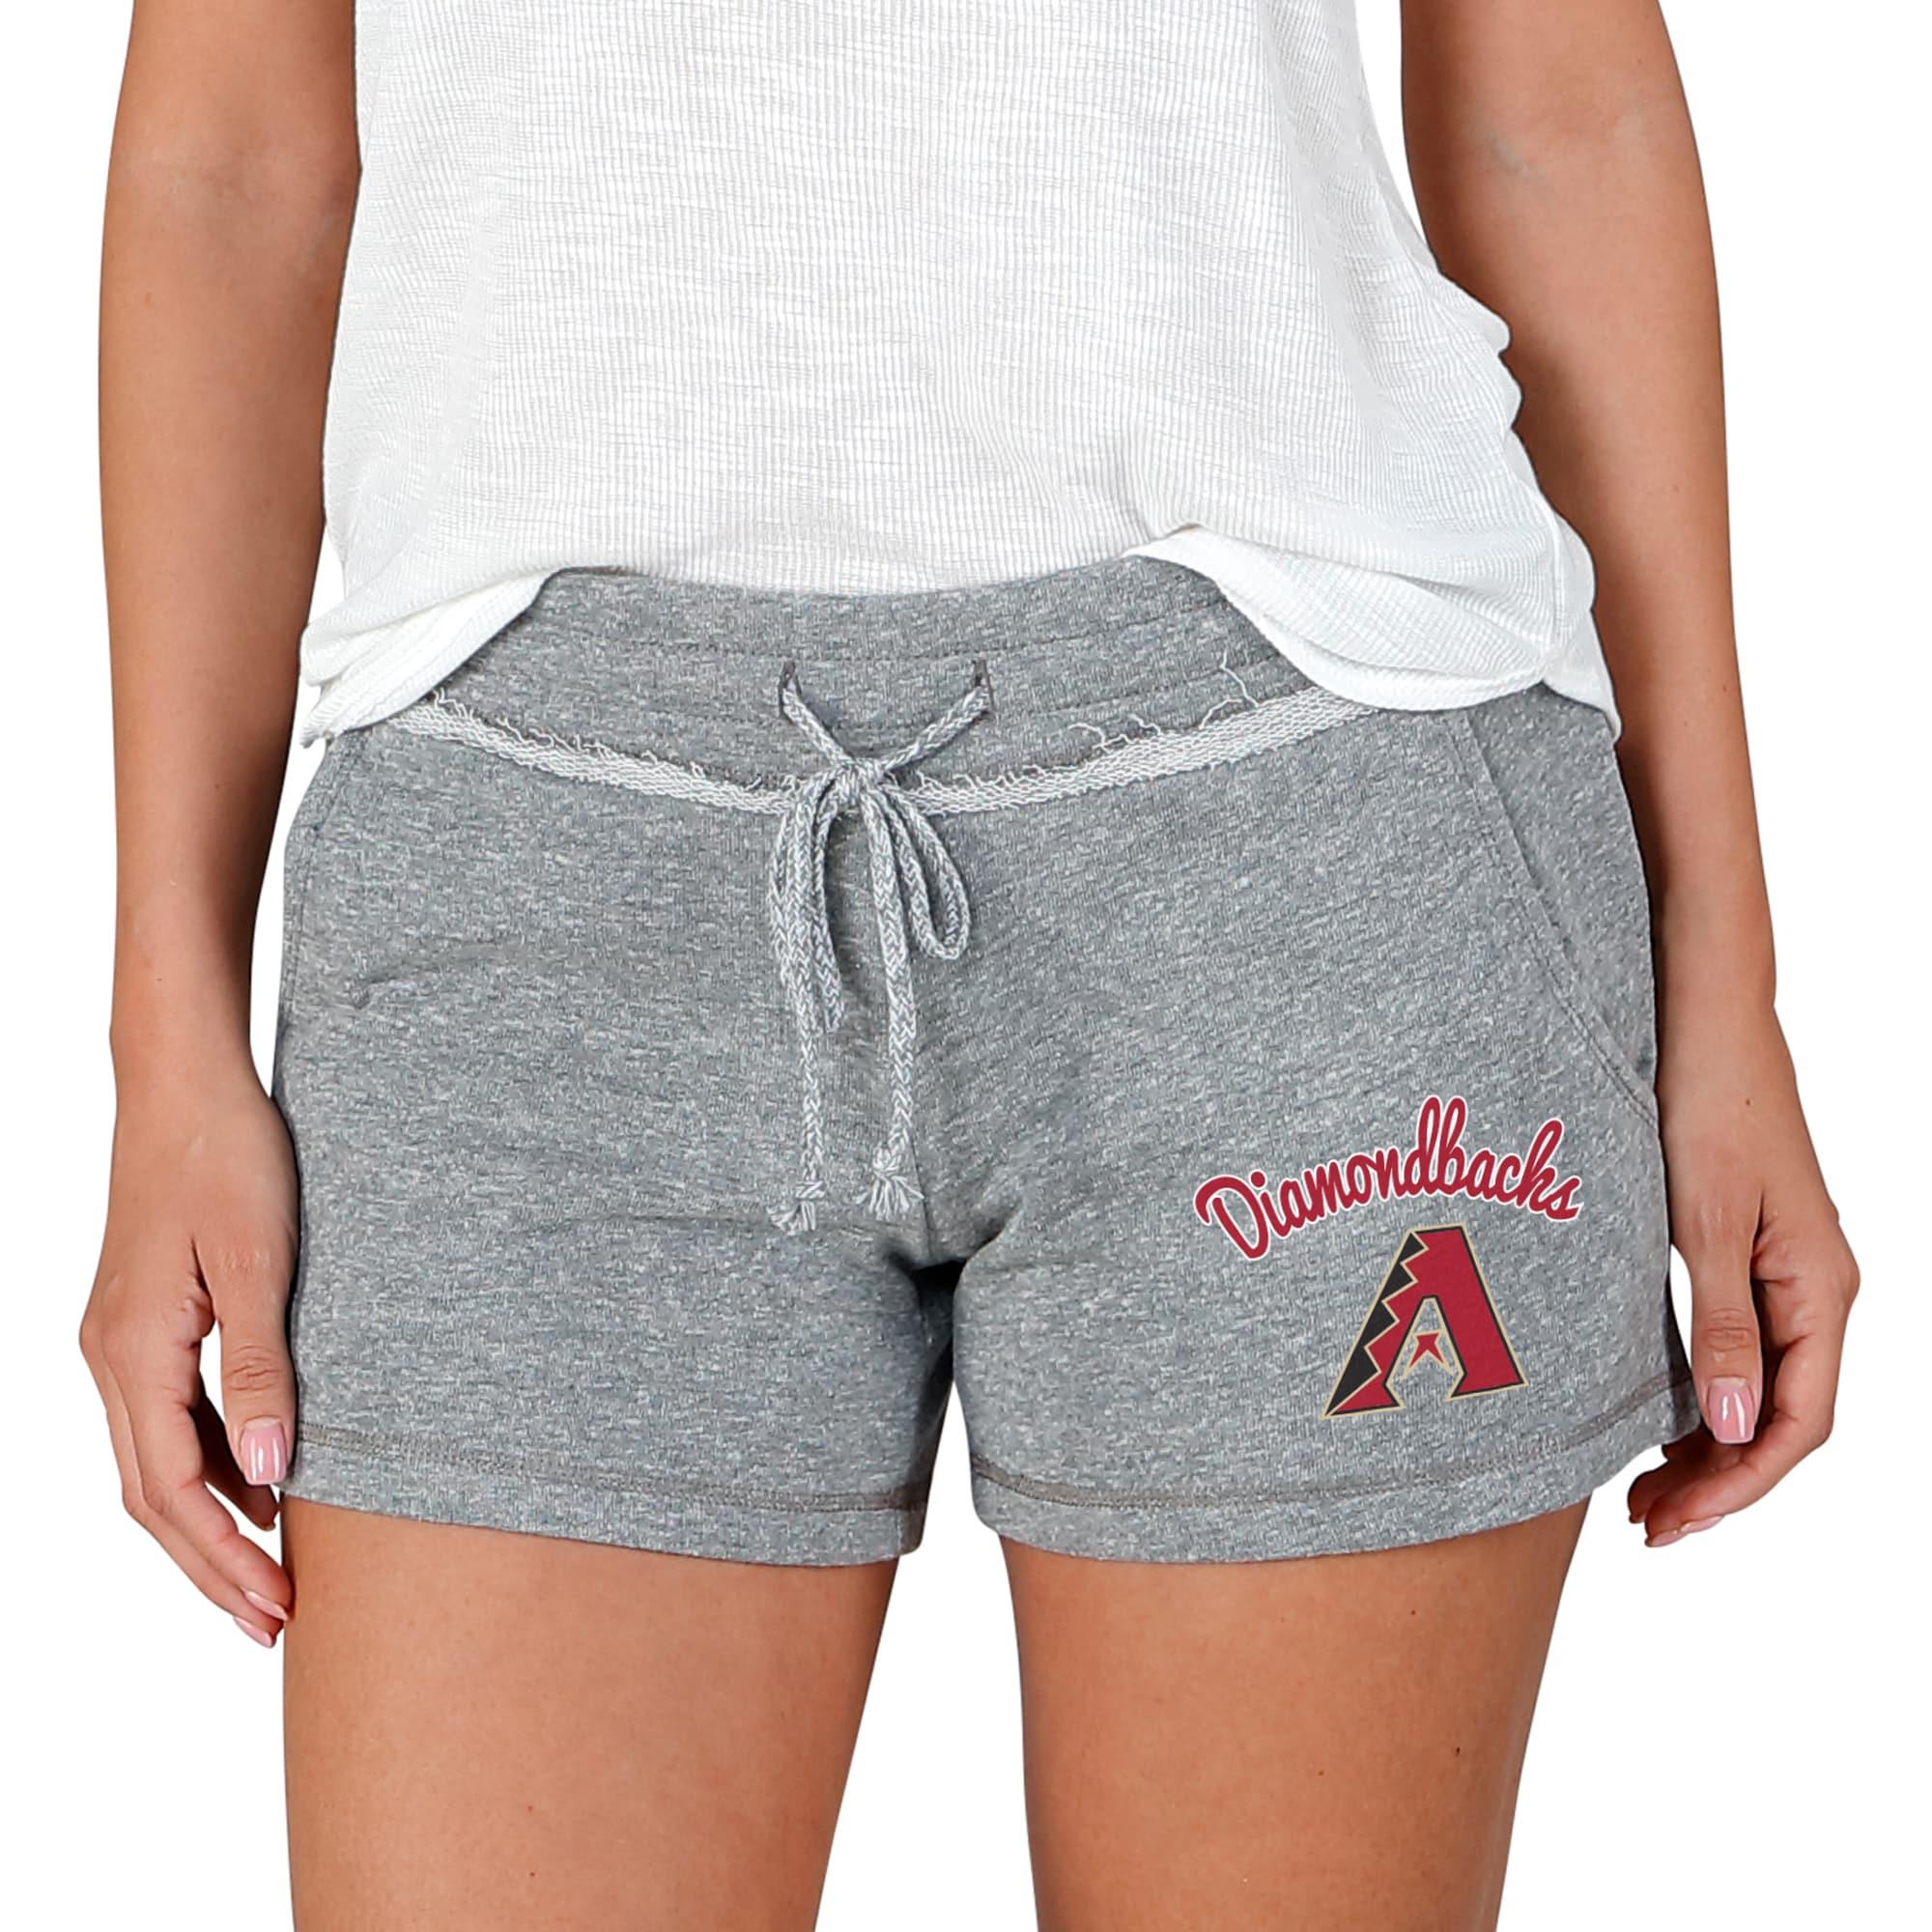 Arizona Diamondbacks Concepts Sport Women's Mainstream Terry Shorts - Gray